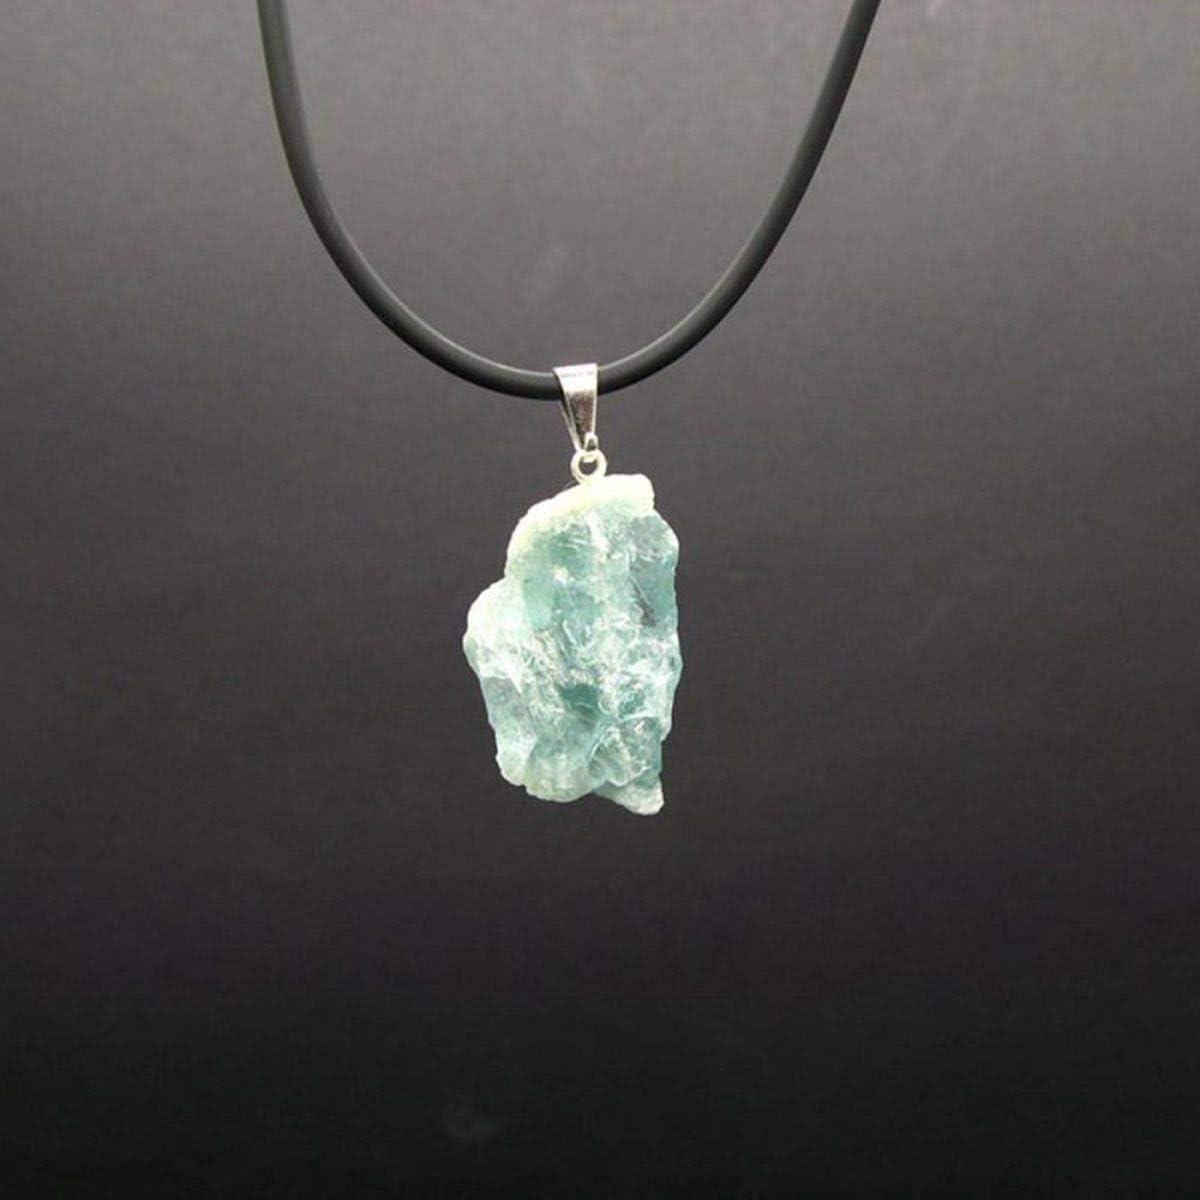 Colgante de Aguamarina en Bruto Minerales y Cristales, Belleza energética, Meditacion, Amuletos Espirituales